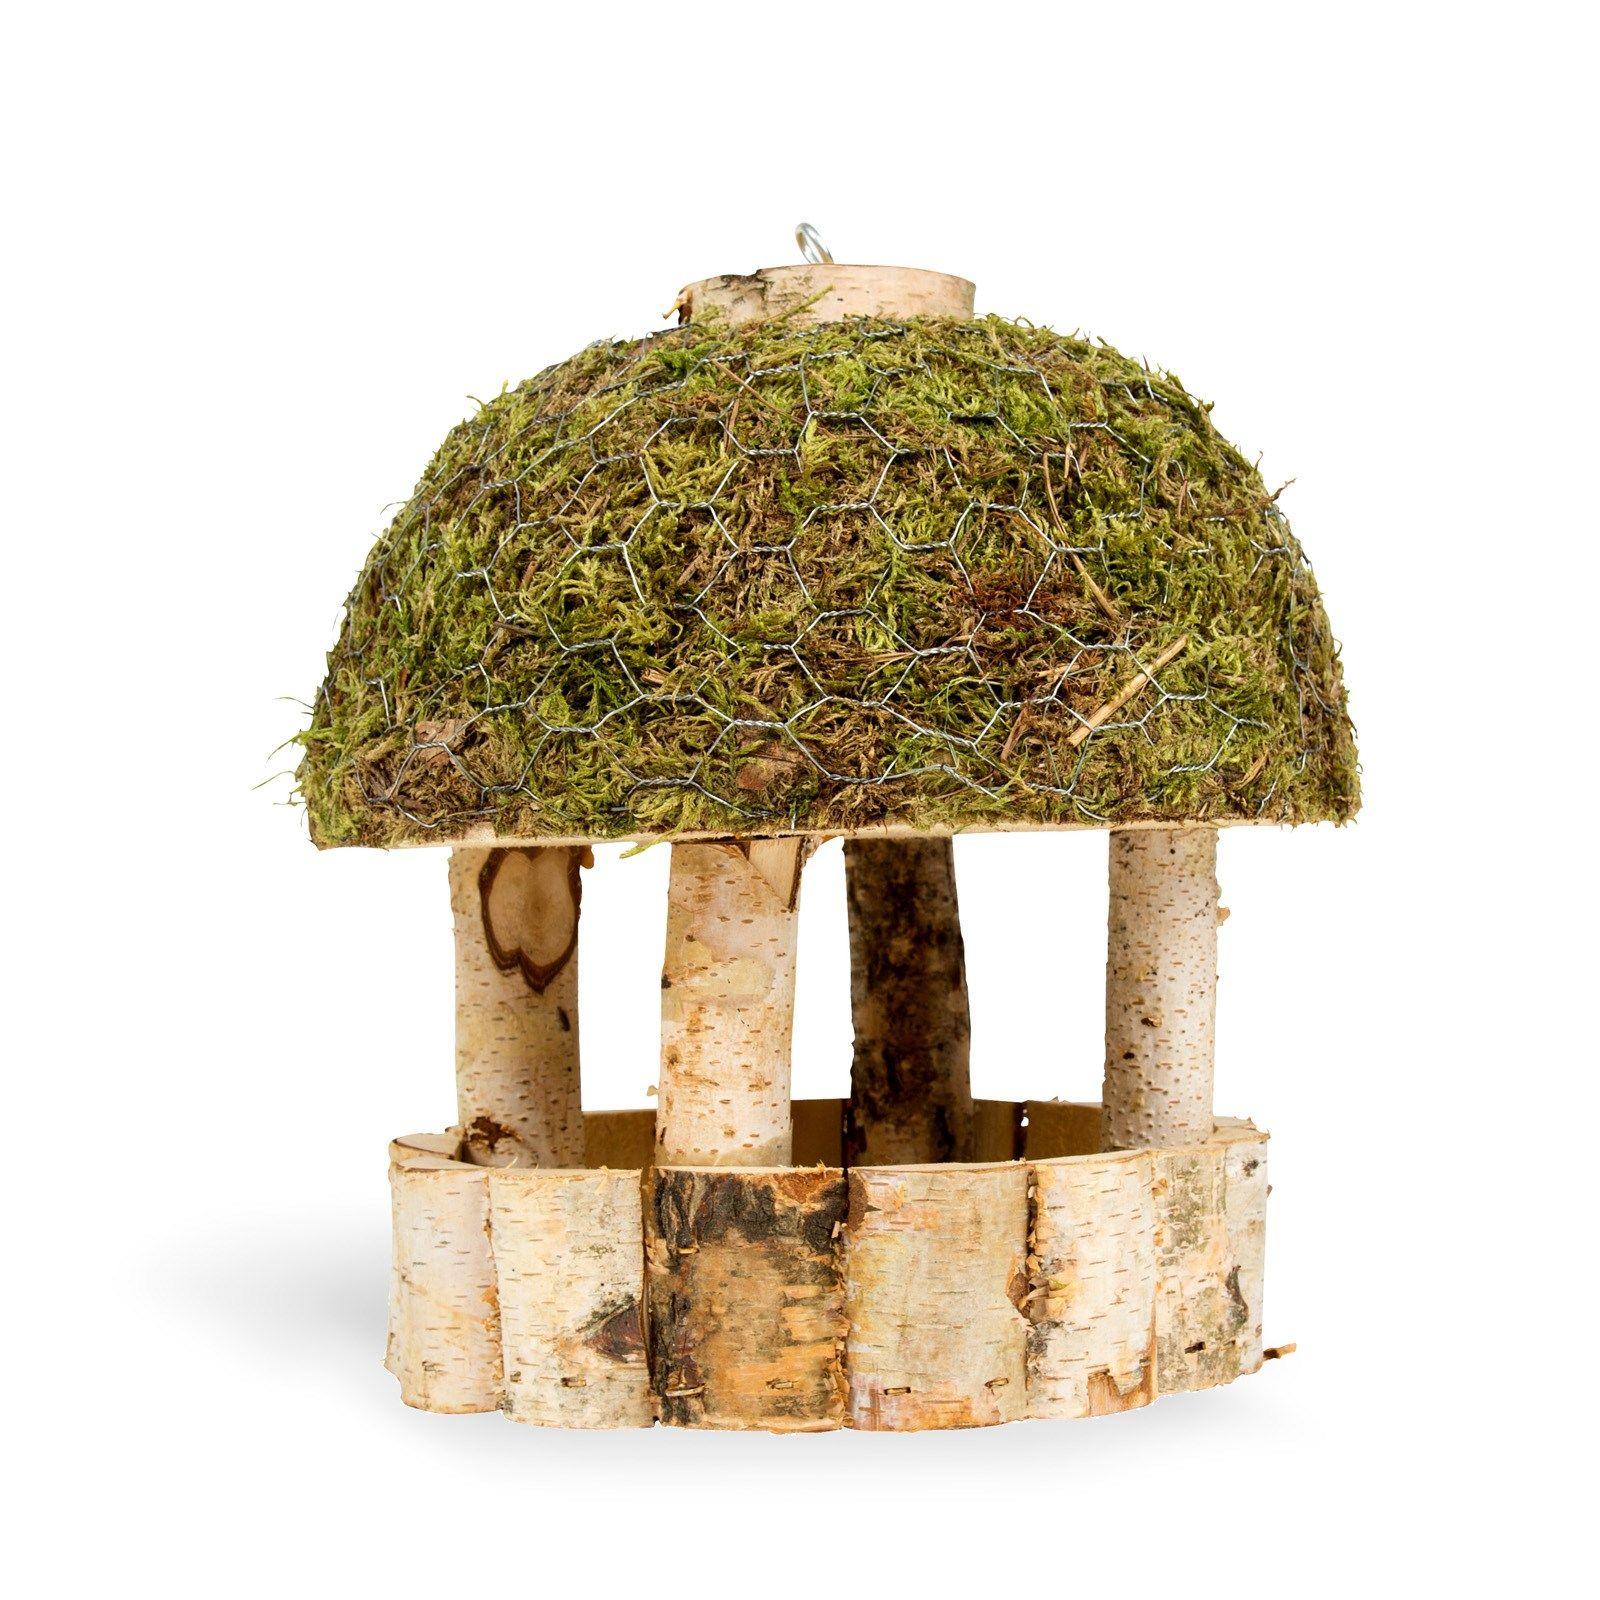 Mangeoire bouleau - Pour nourrir les oiseaux en hiver. A détourner ... - Nichoir Mésange Orientation